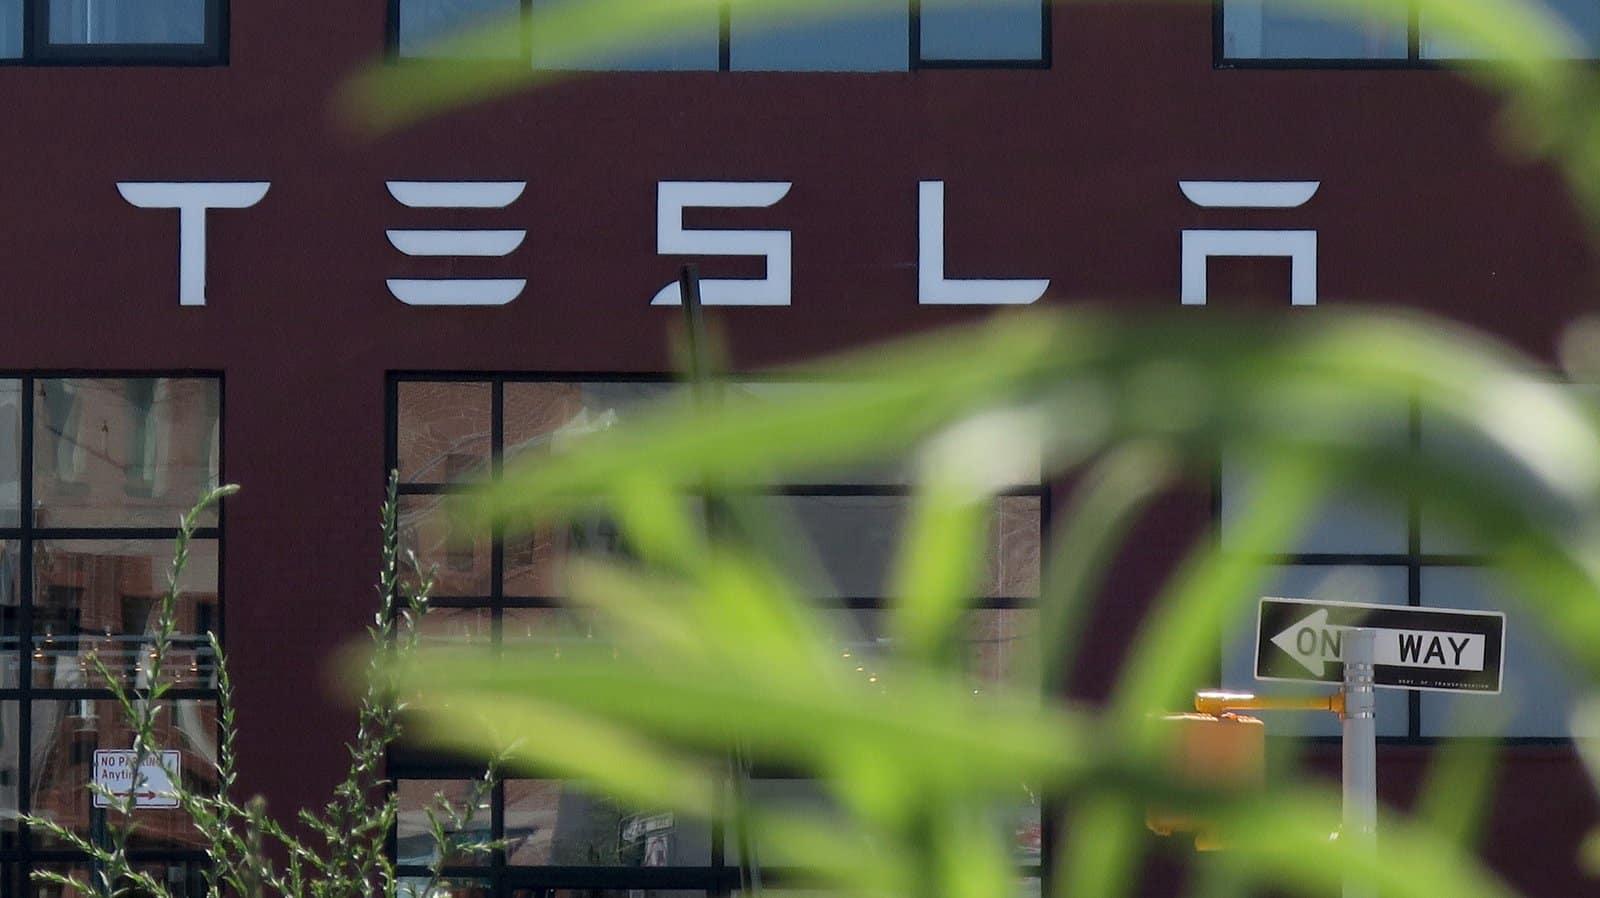 Parked Model S Explosion: Tesla Sends Investigation Team